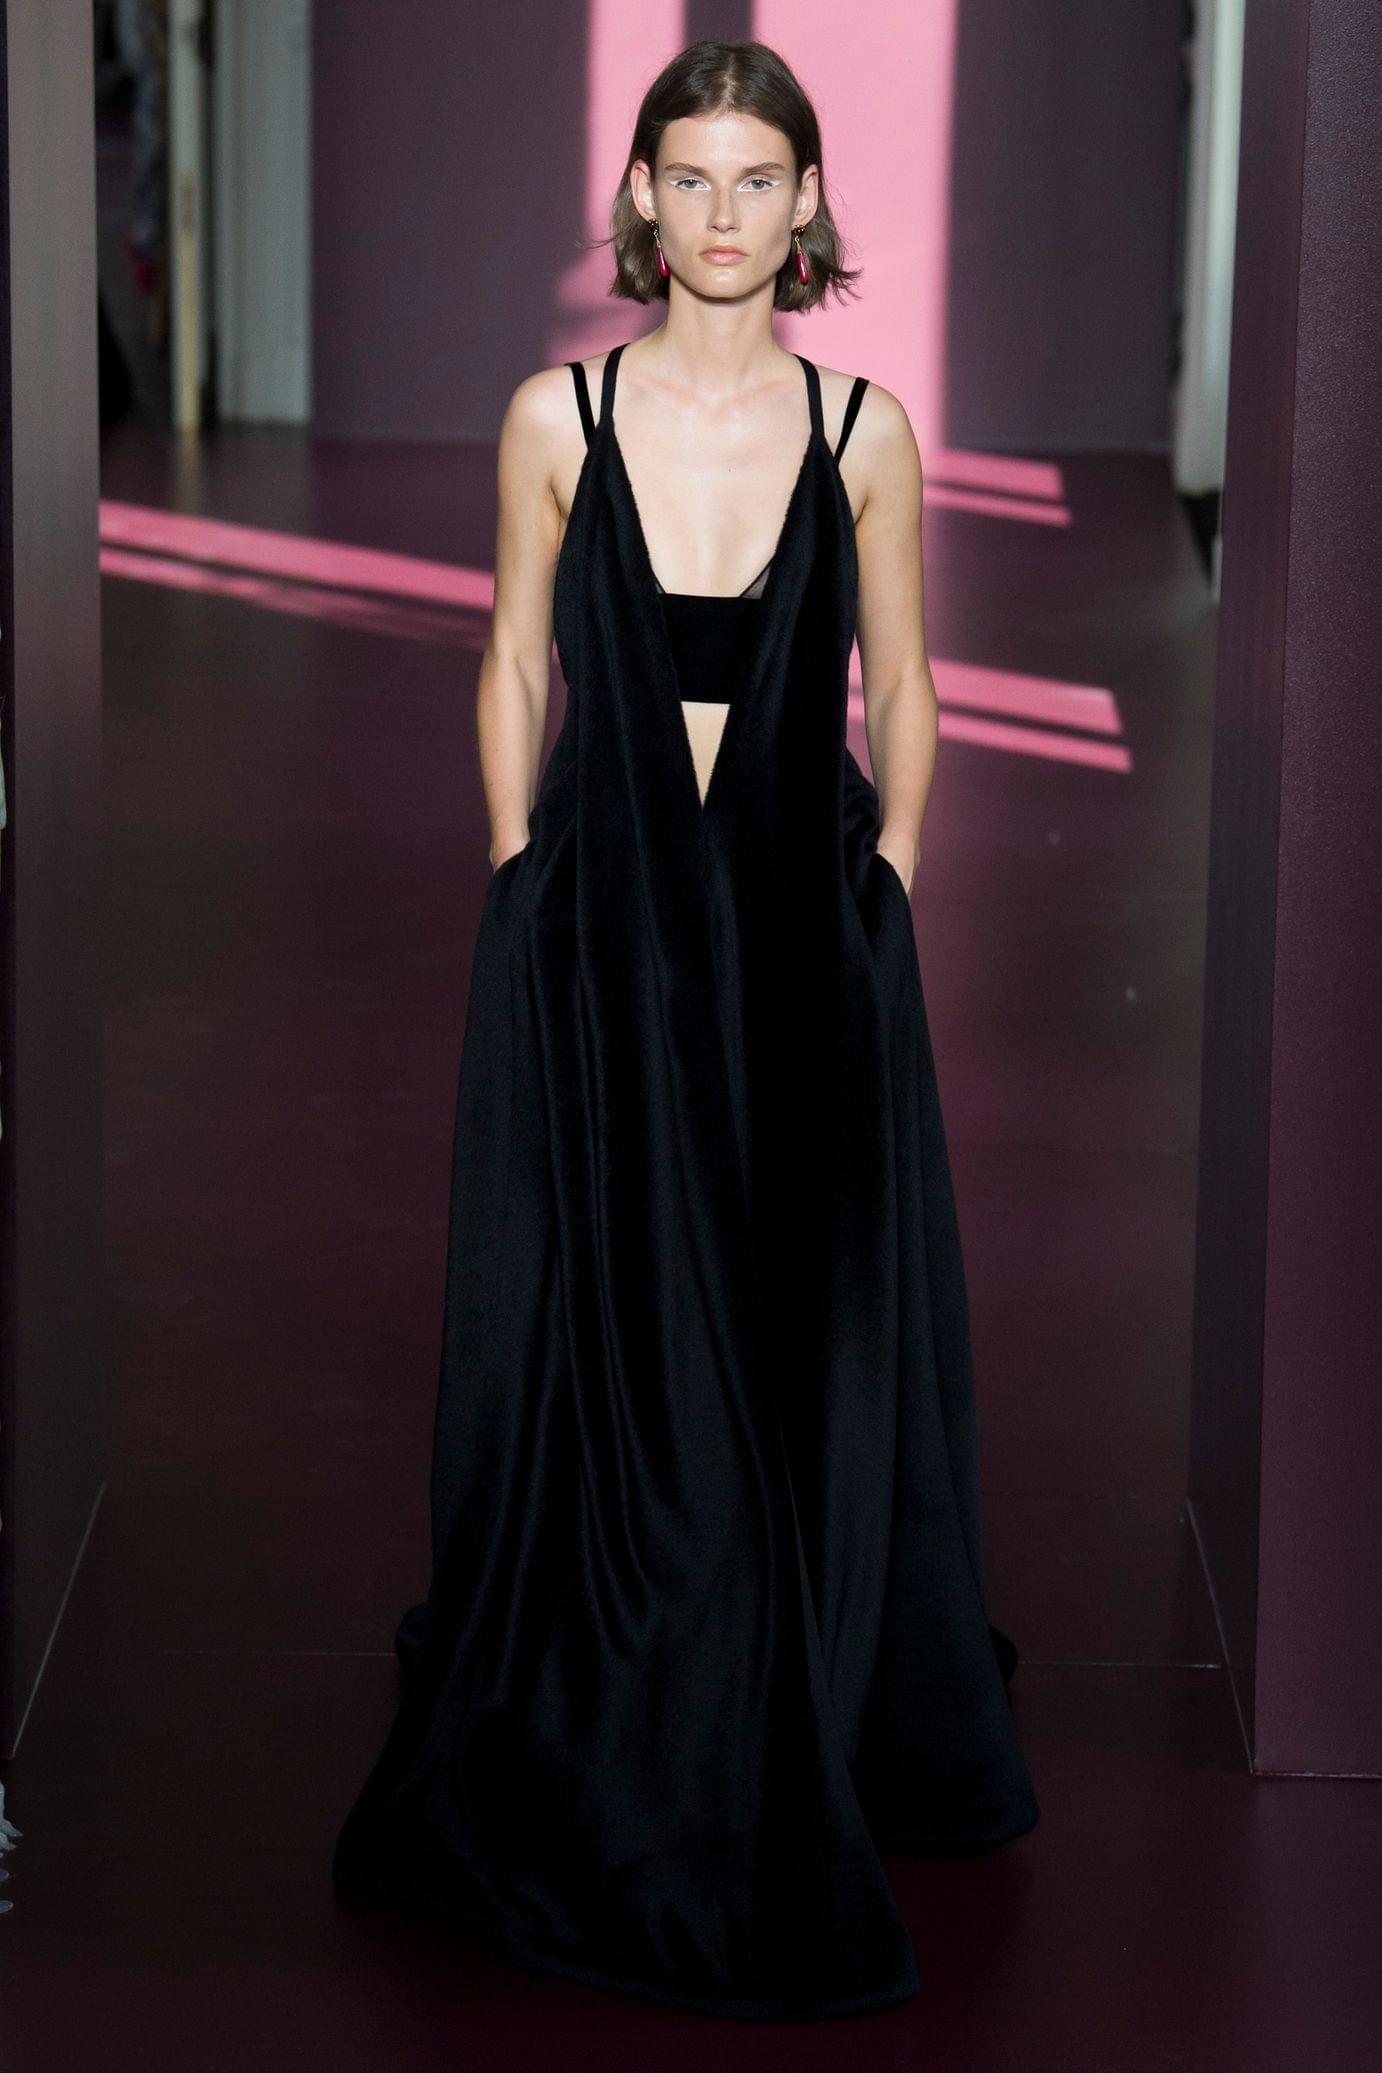 Défilé Valentino Haute couture automne-hiver 2017-2018 46